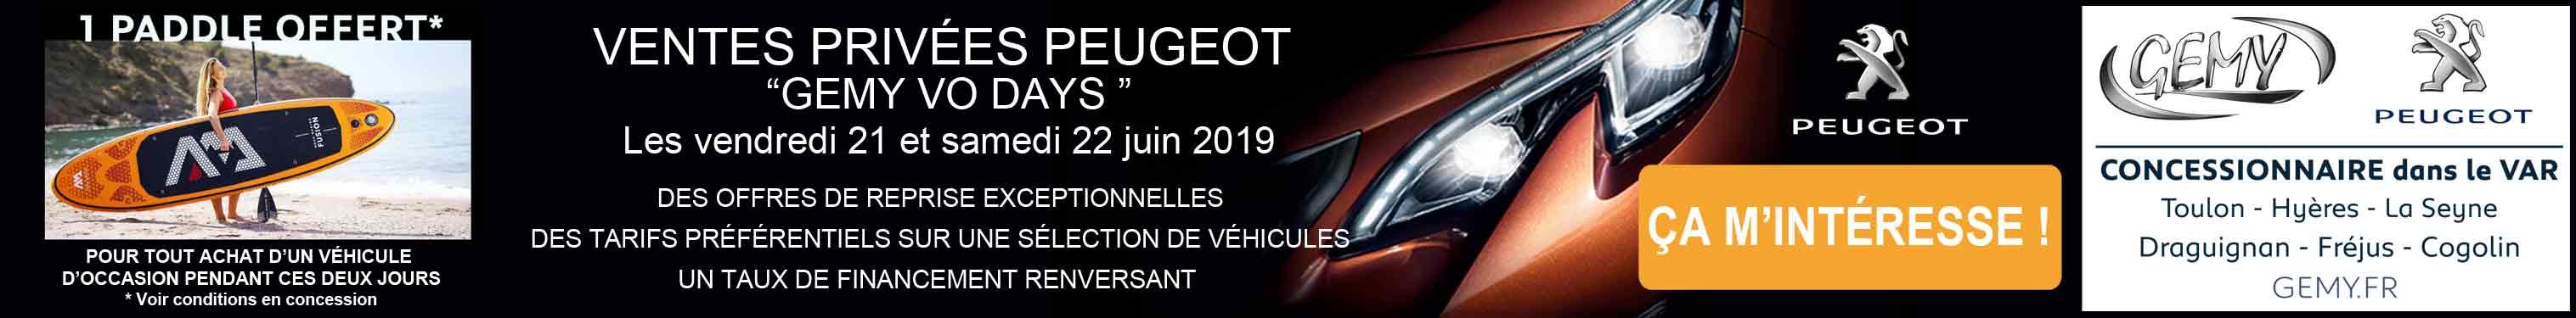 Ventes privées Peugeot Gemy